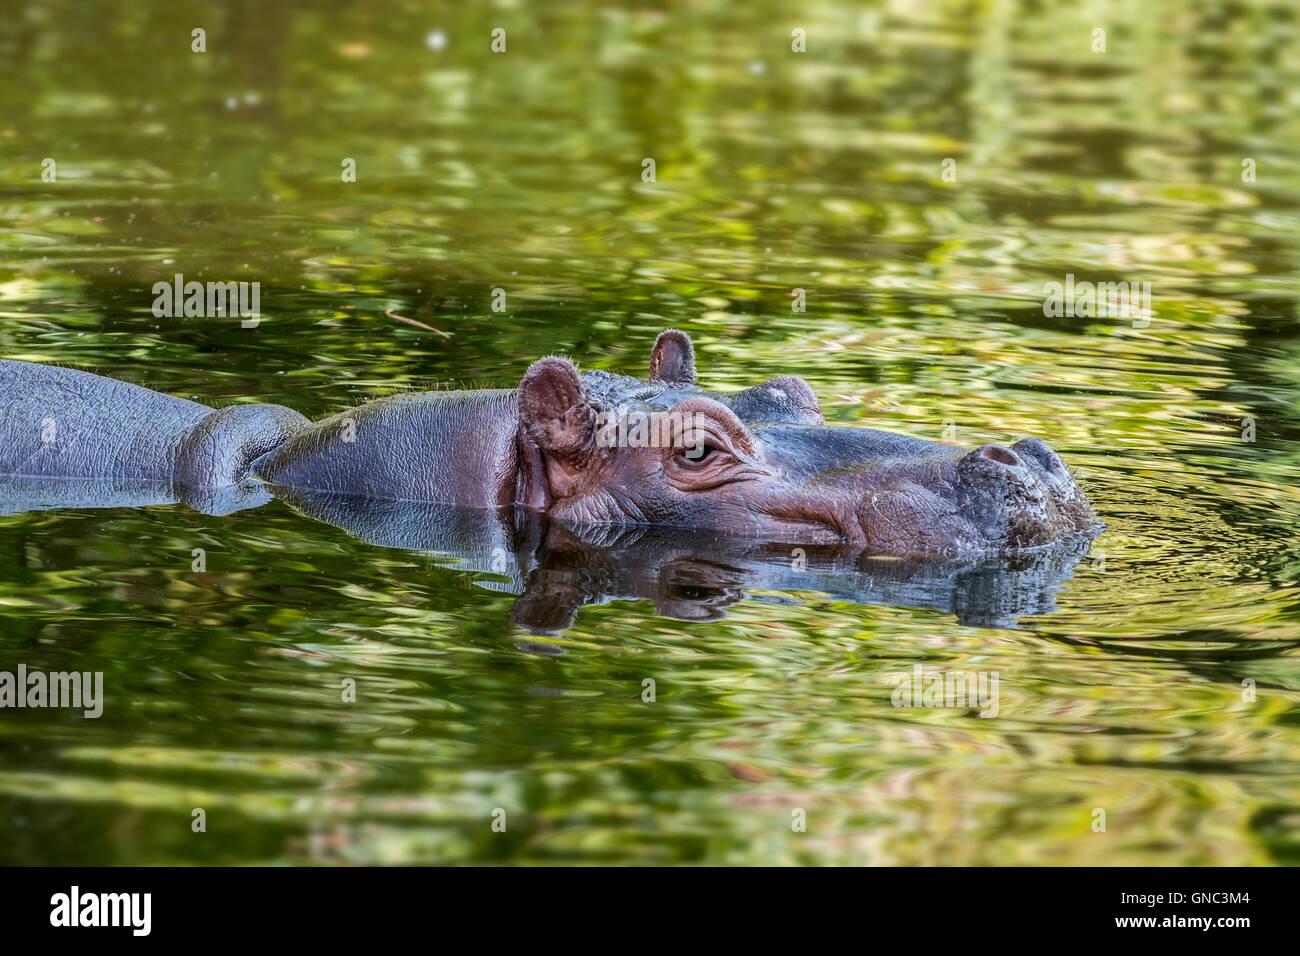 L'hippopotame commun (Hippopotamus amphibius) Partiellement immergé dans l'étang au Zoo d'Anvers, Belgique Banque D'Images